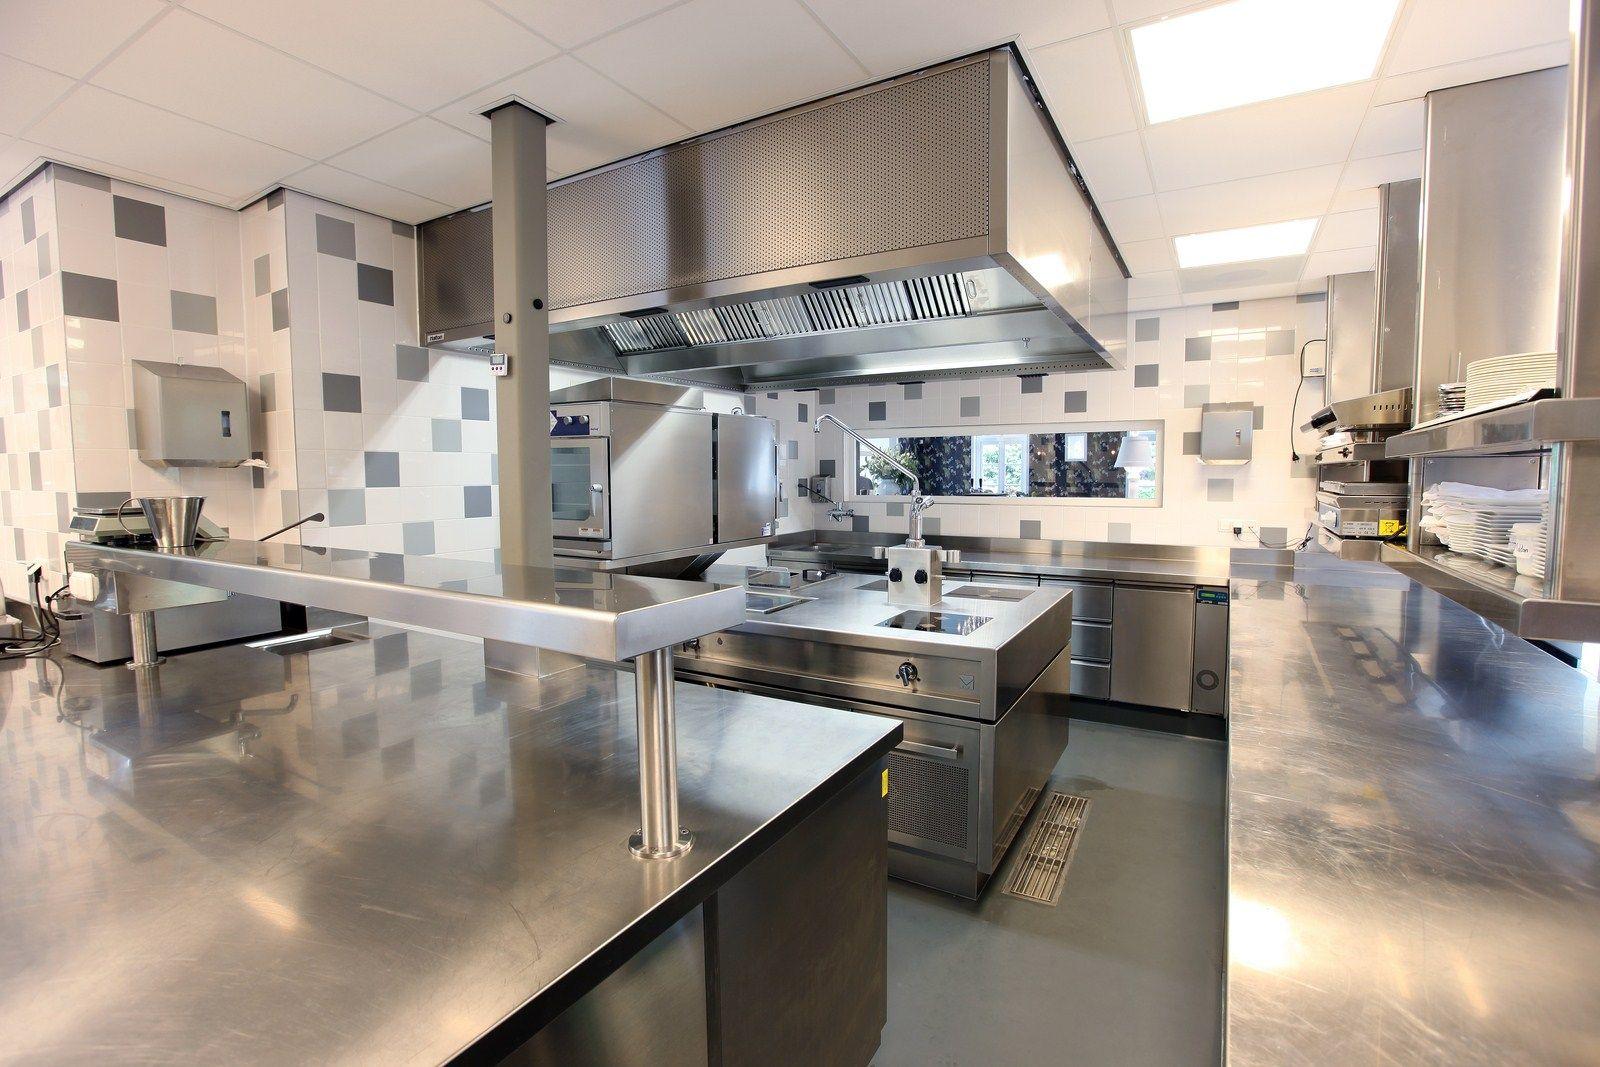 Restaurant Kitchen tile walls, tile floor, floor drain ...